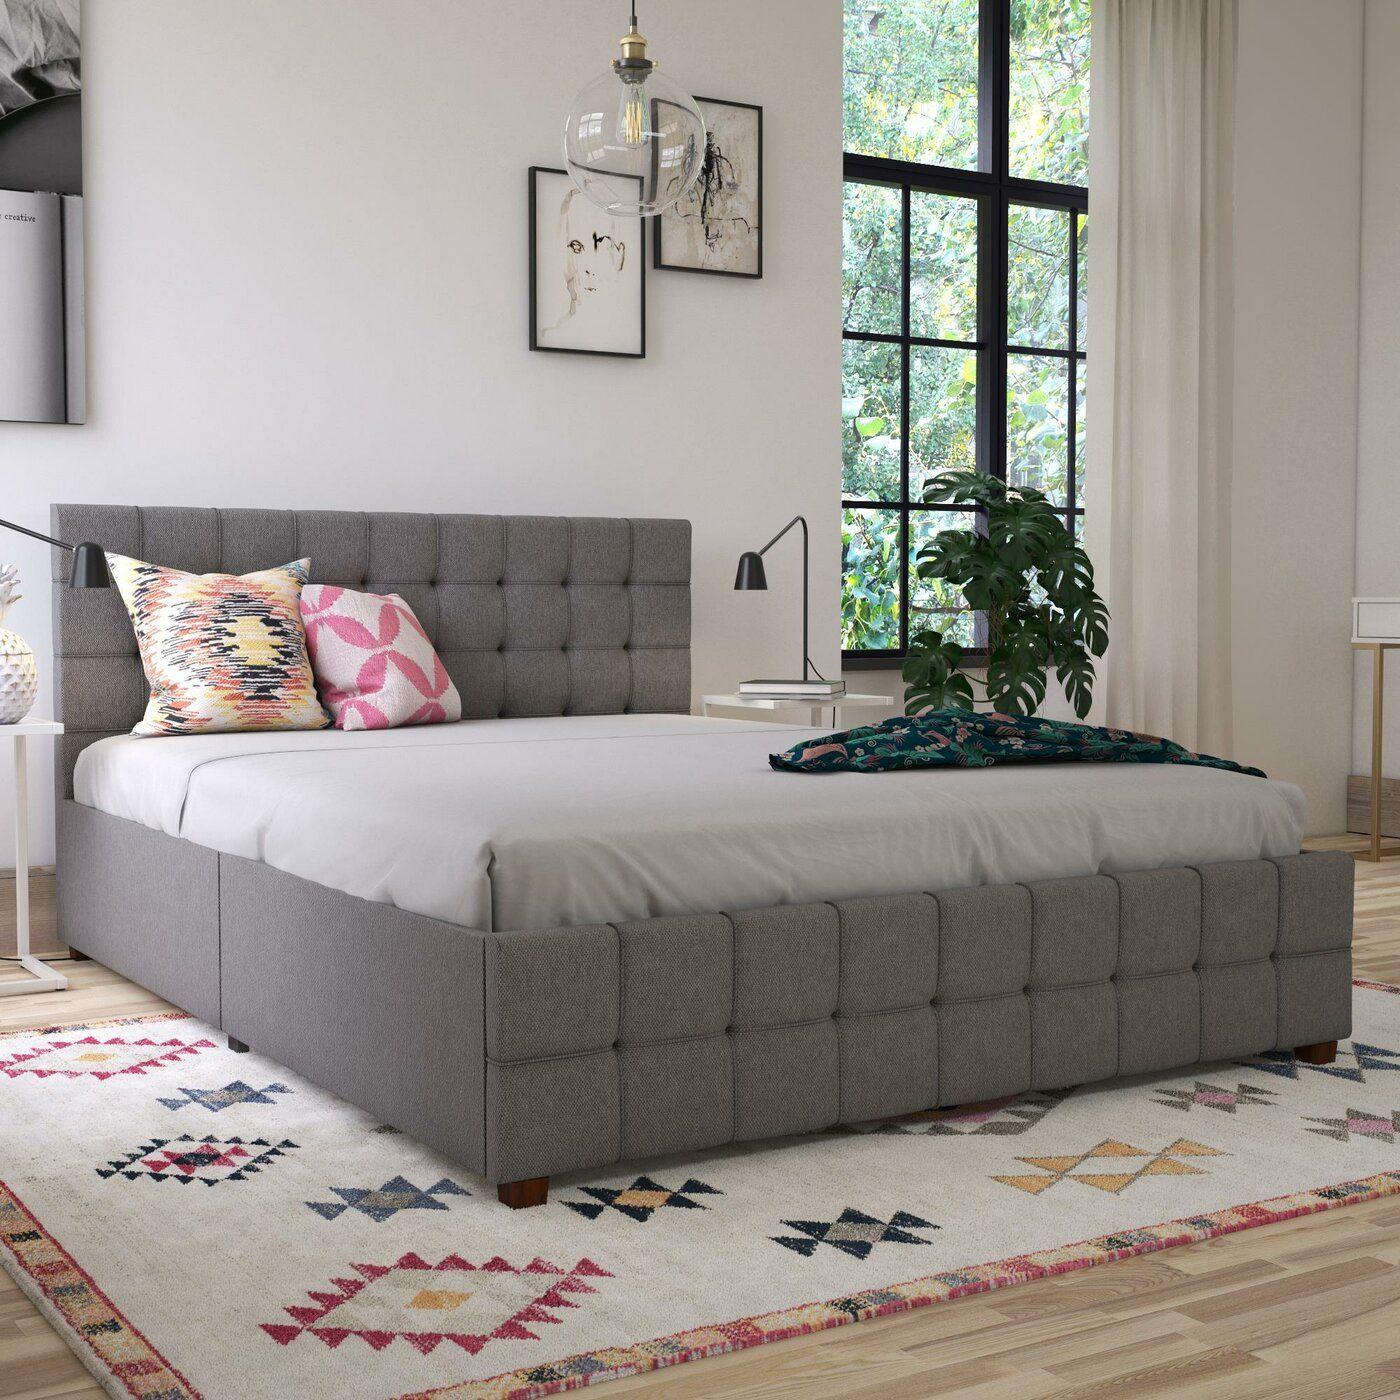 Montauk Standard/Platform Bed Panel bed, Furniture, Wood